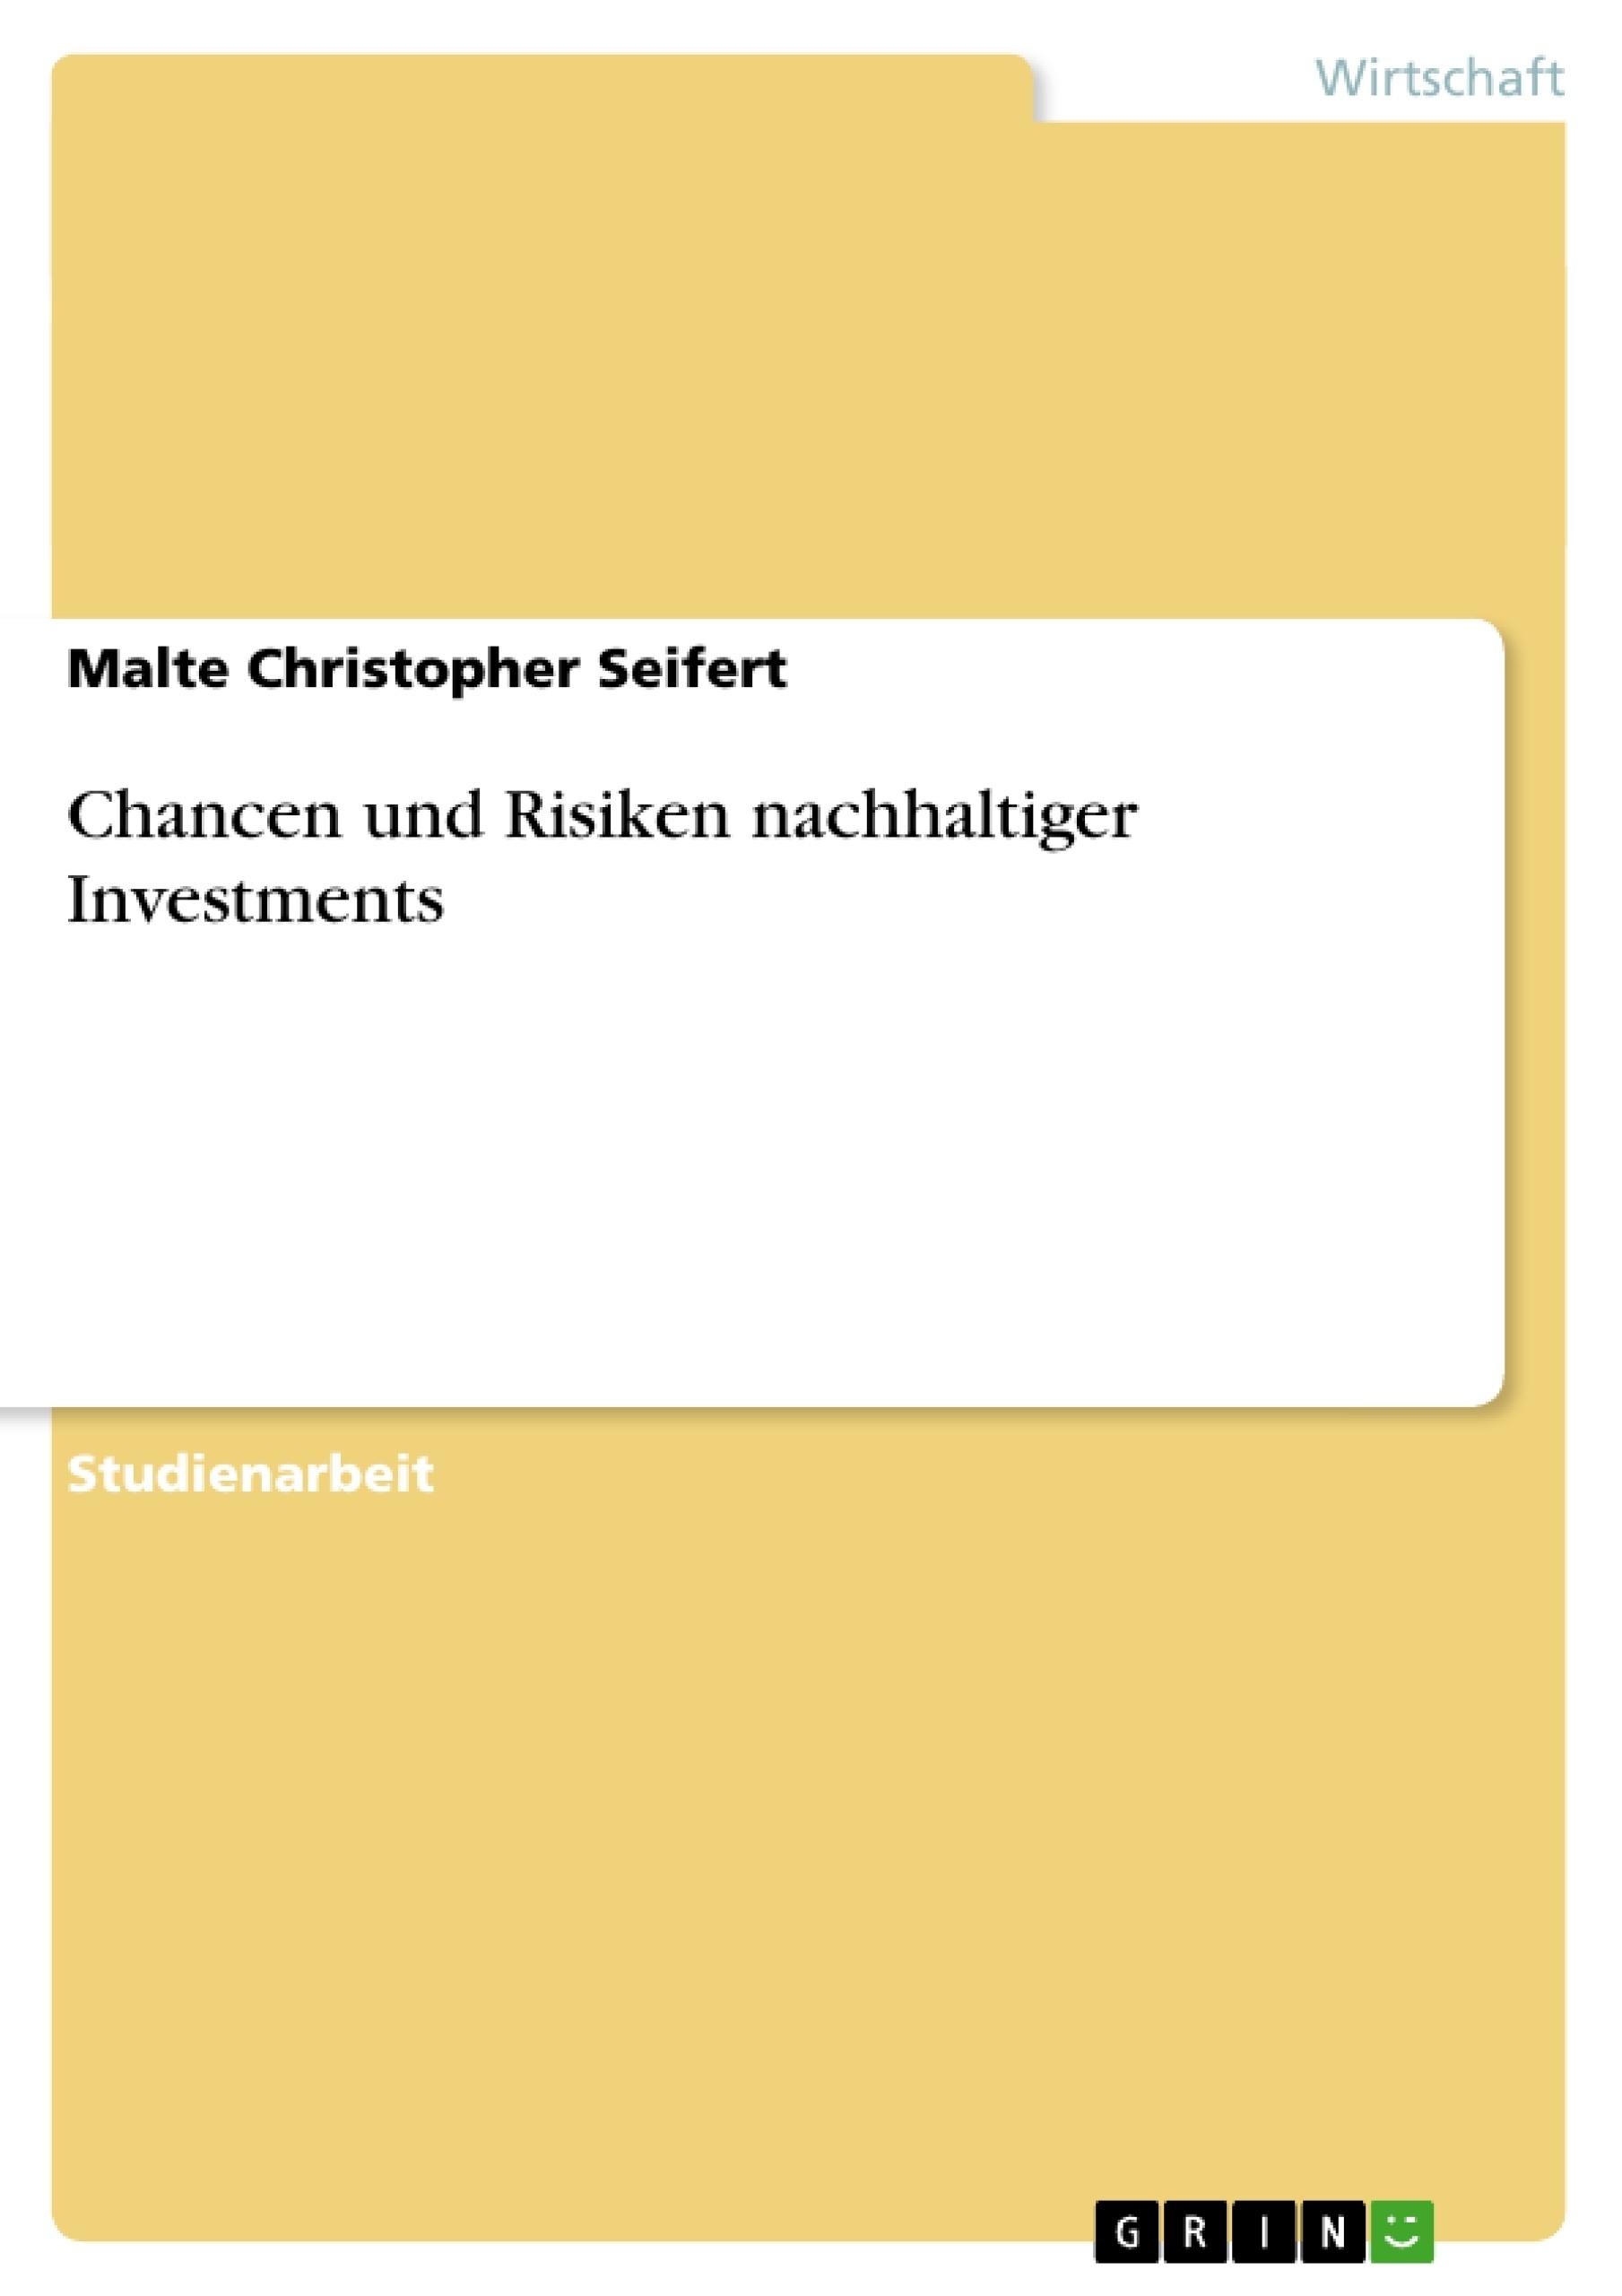 Titel: Chancen und Risiken nachhaltiger Investments